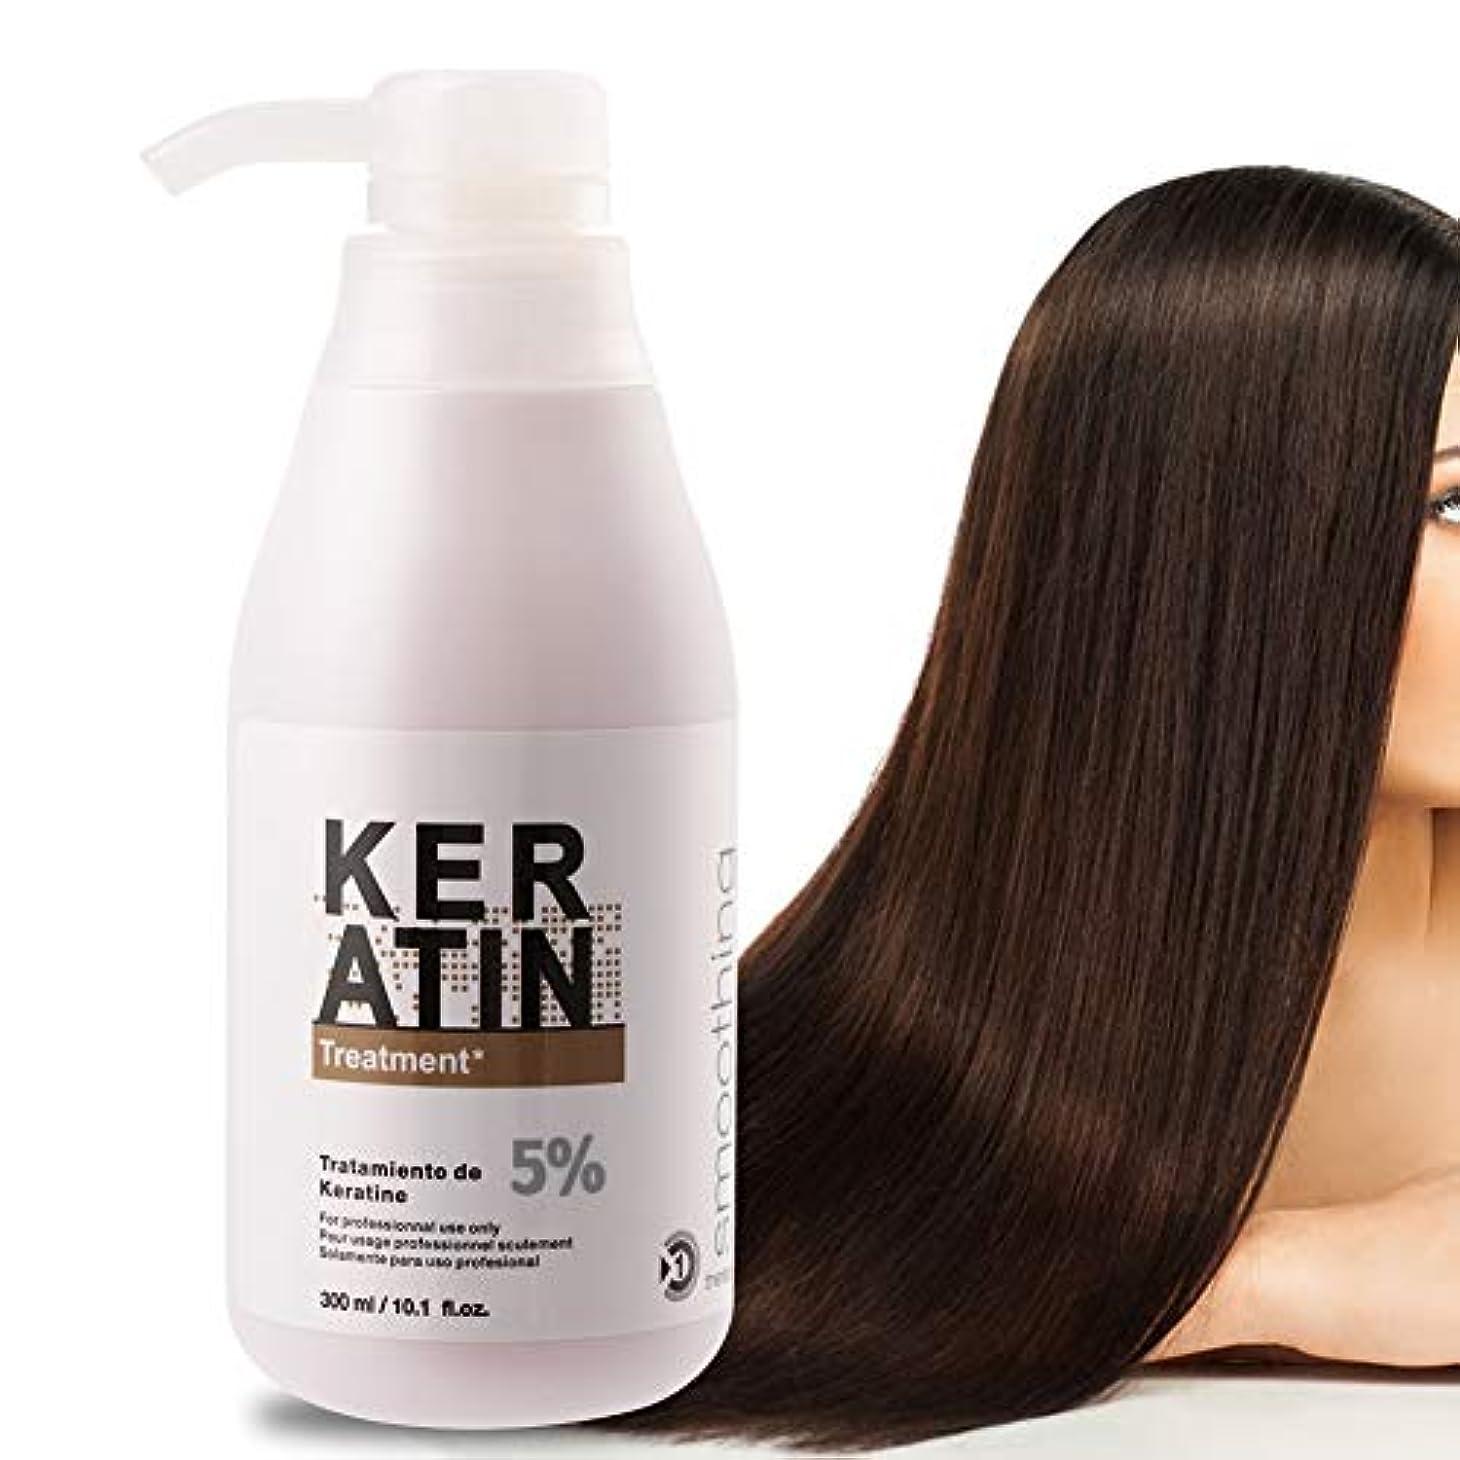 はぁ姿を消すサルベージ乾いた、ダメージを受けた、そして化学的に処理された髪のためのケラチンとタンパク質のケラチンヘアマスク、300mlブラジルのケラチンヘアトリートメント